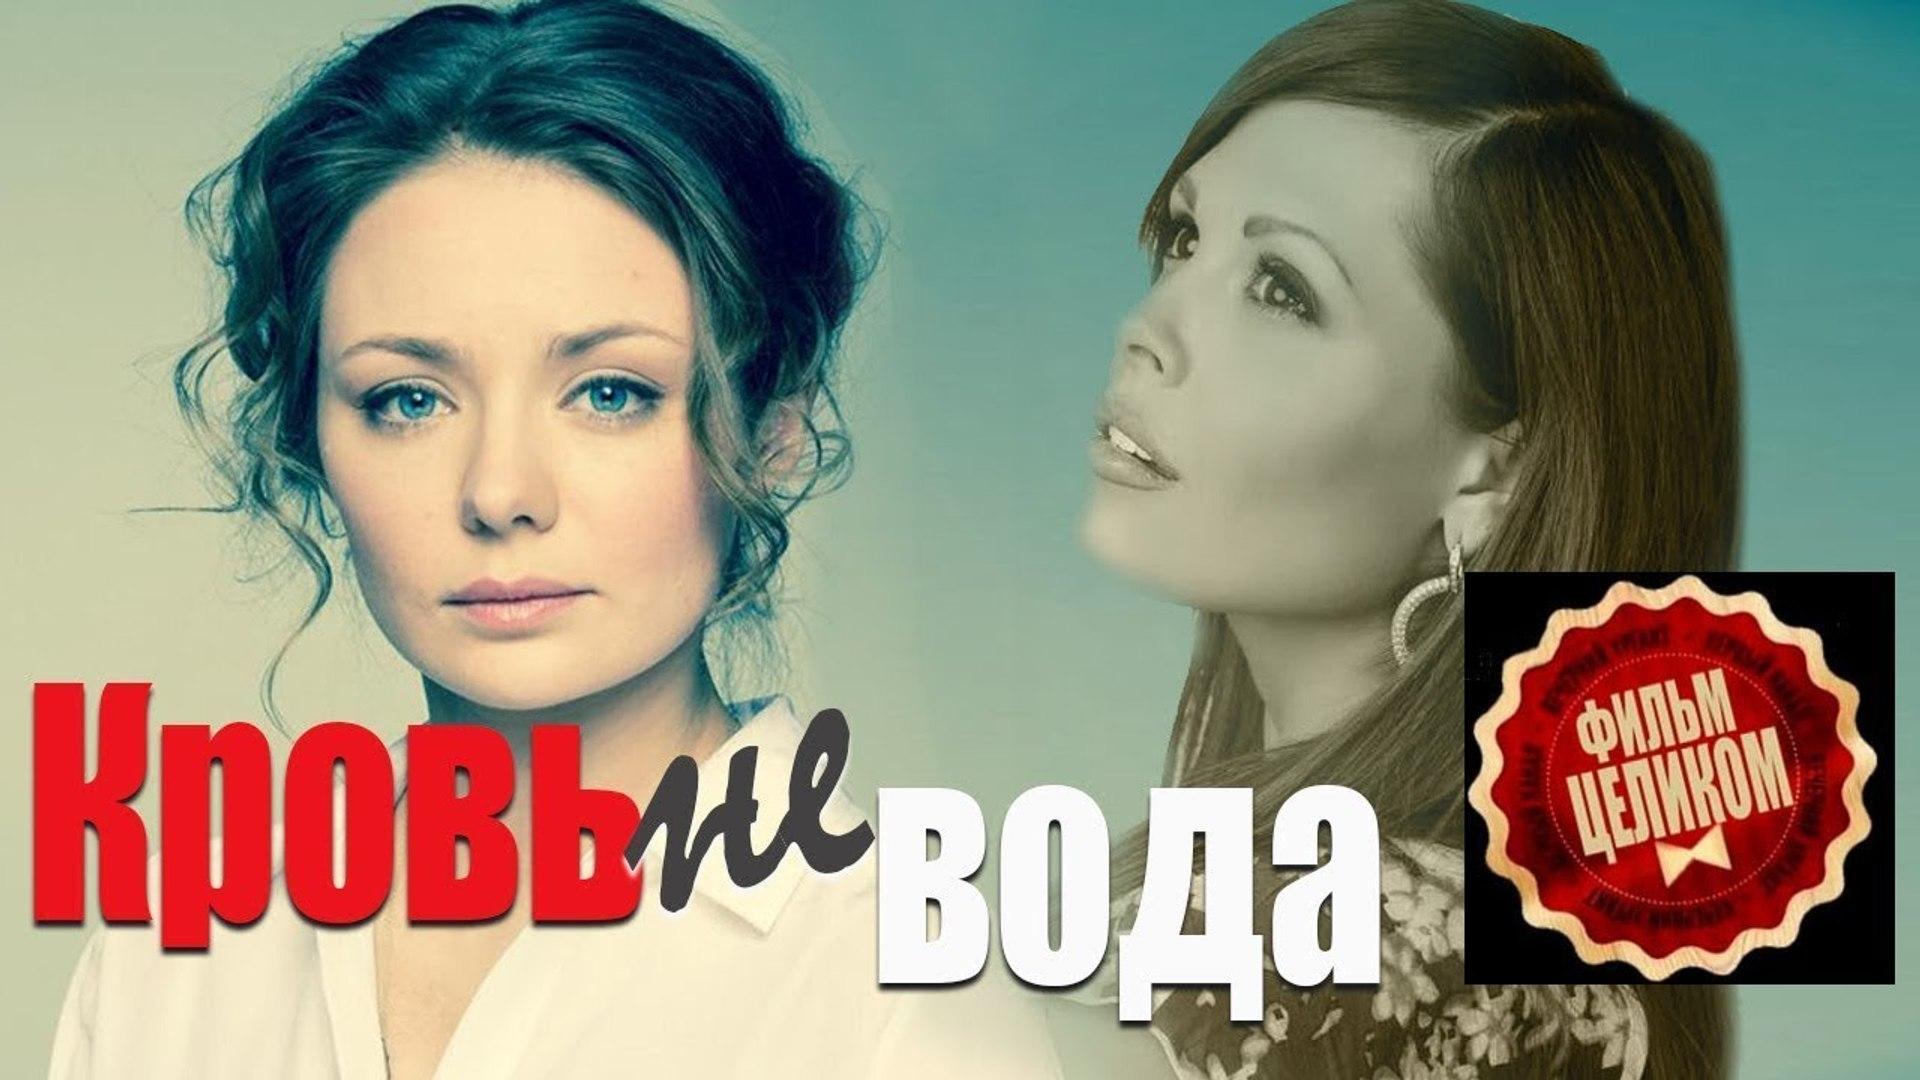 Кровь не вода 1 2 3 4 серия 2017 русские мелодрамы 2017 smotret russkie melodrami 2017